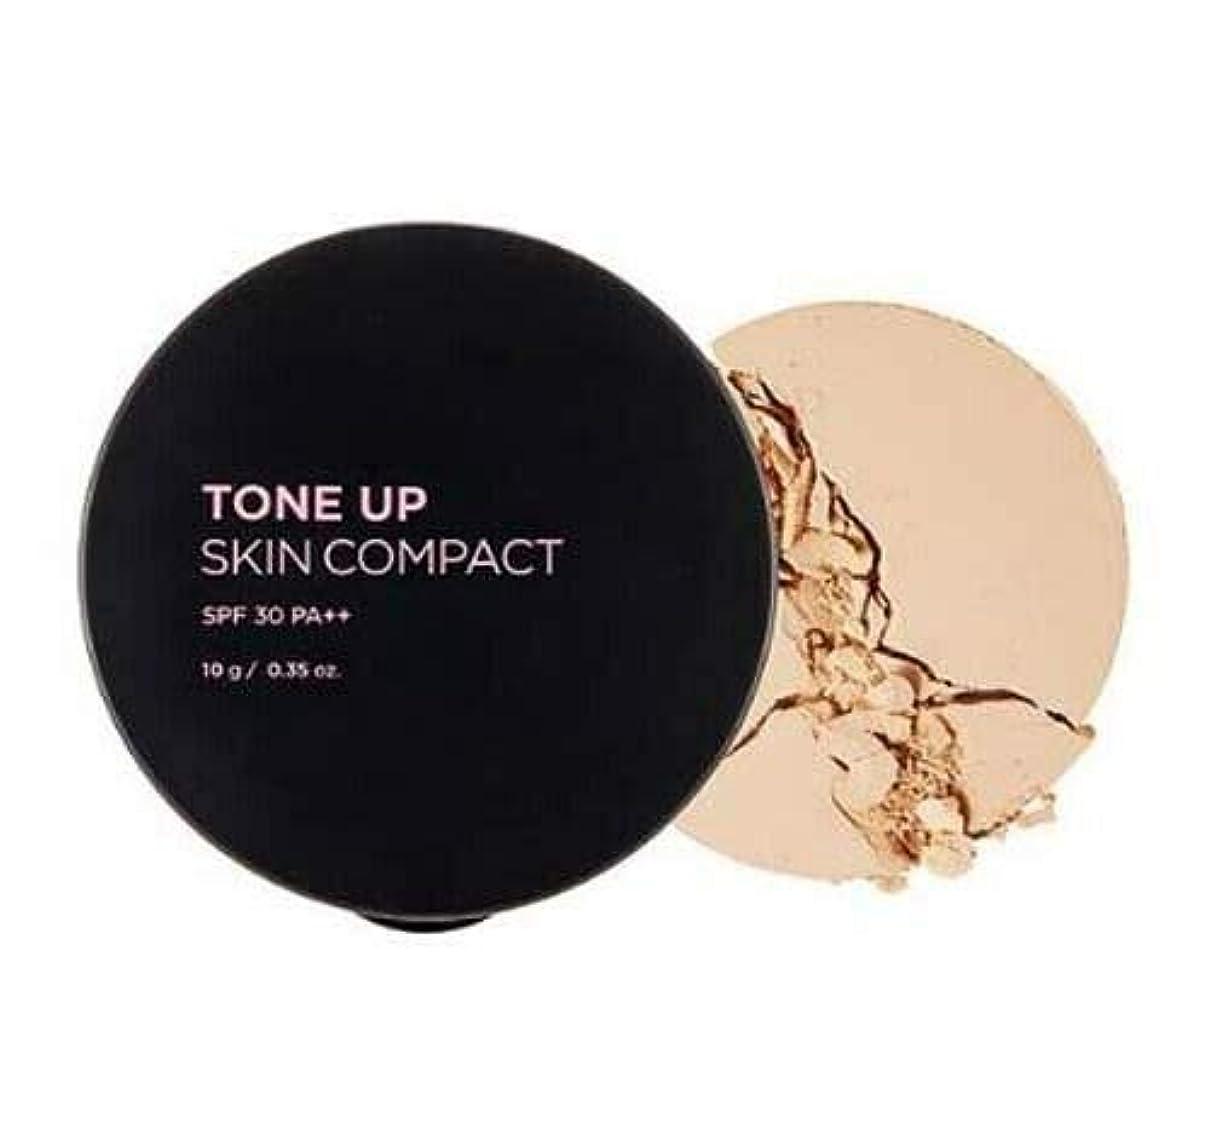 凍ったプラスチックさびた[ザ?フェイスショップ] THE FACE SHOP [トーンアップ コンパクト 10g] Tone Up Compact SPF30 PA++ 10g [海外直送品] (#21. Apricot Beige)